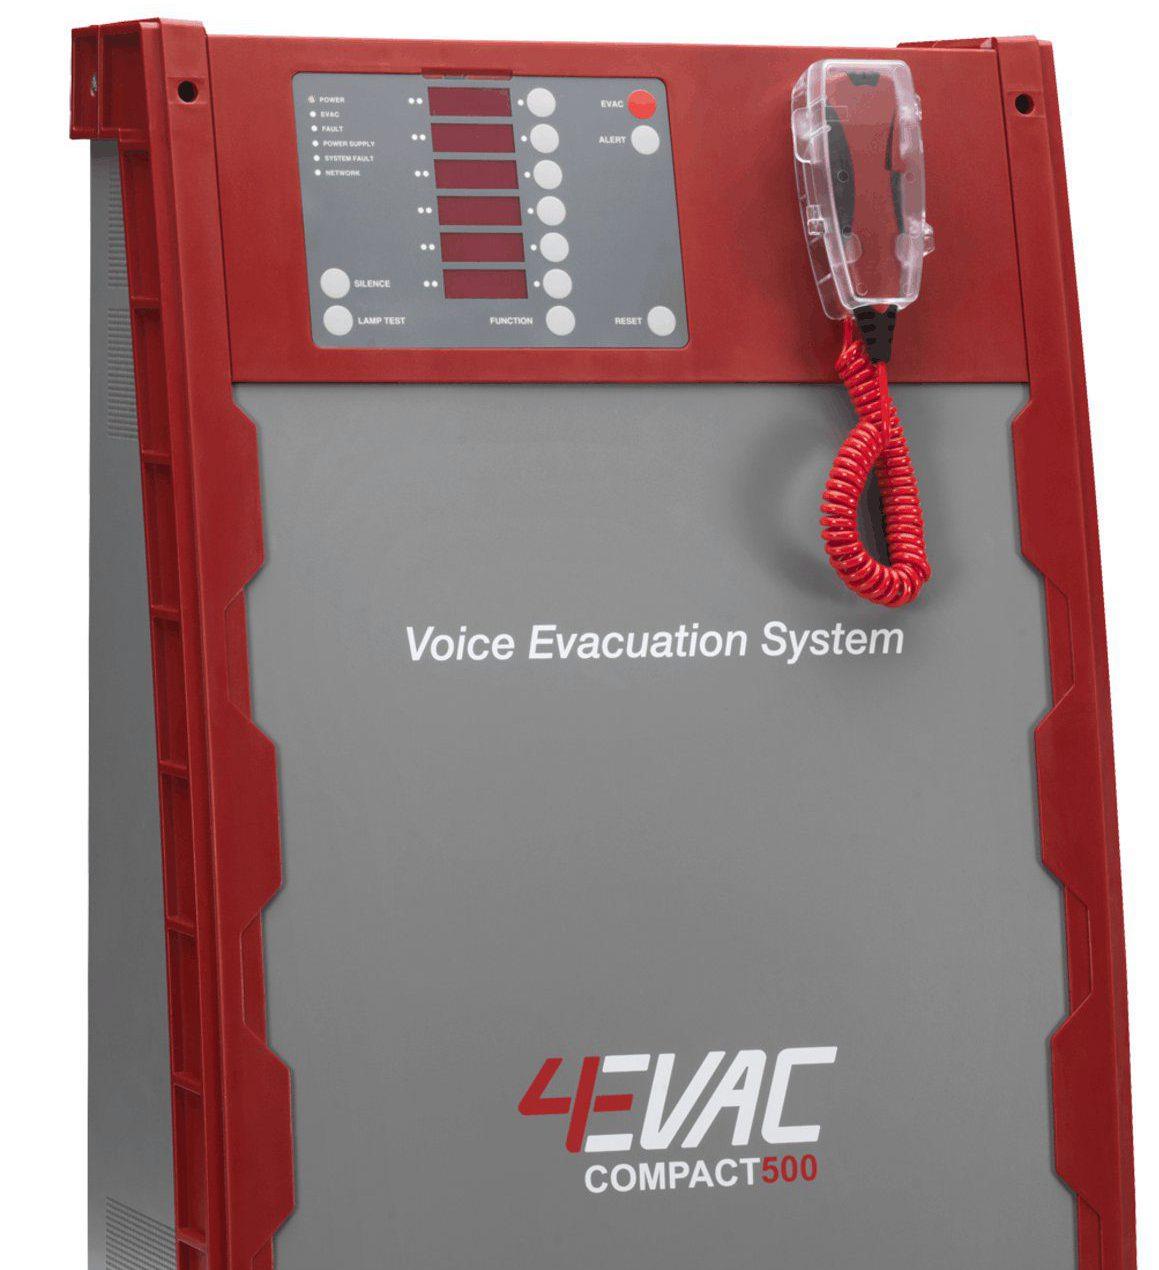 equipos de megafonía y alarma por voz de la serie 4EVAC 3